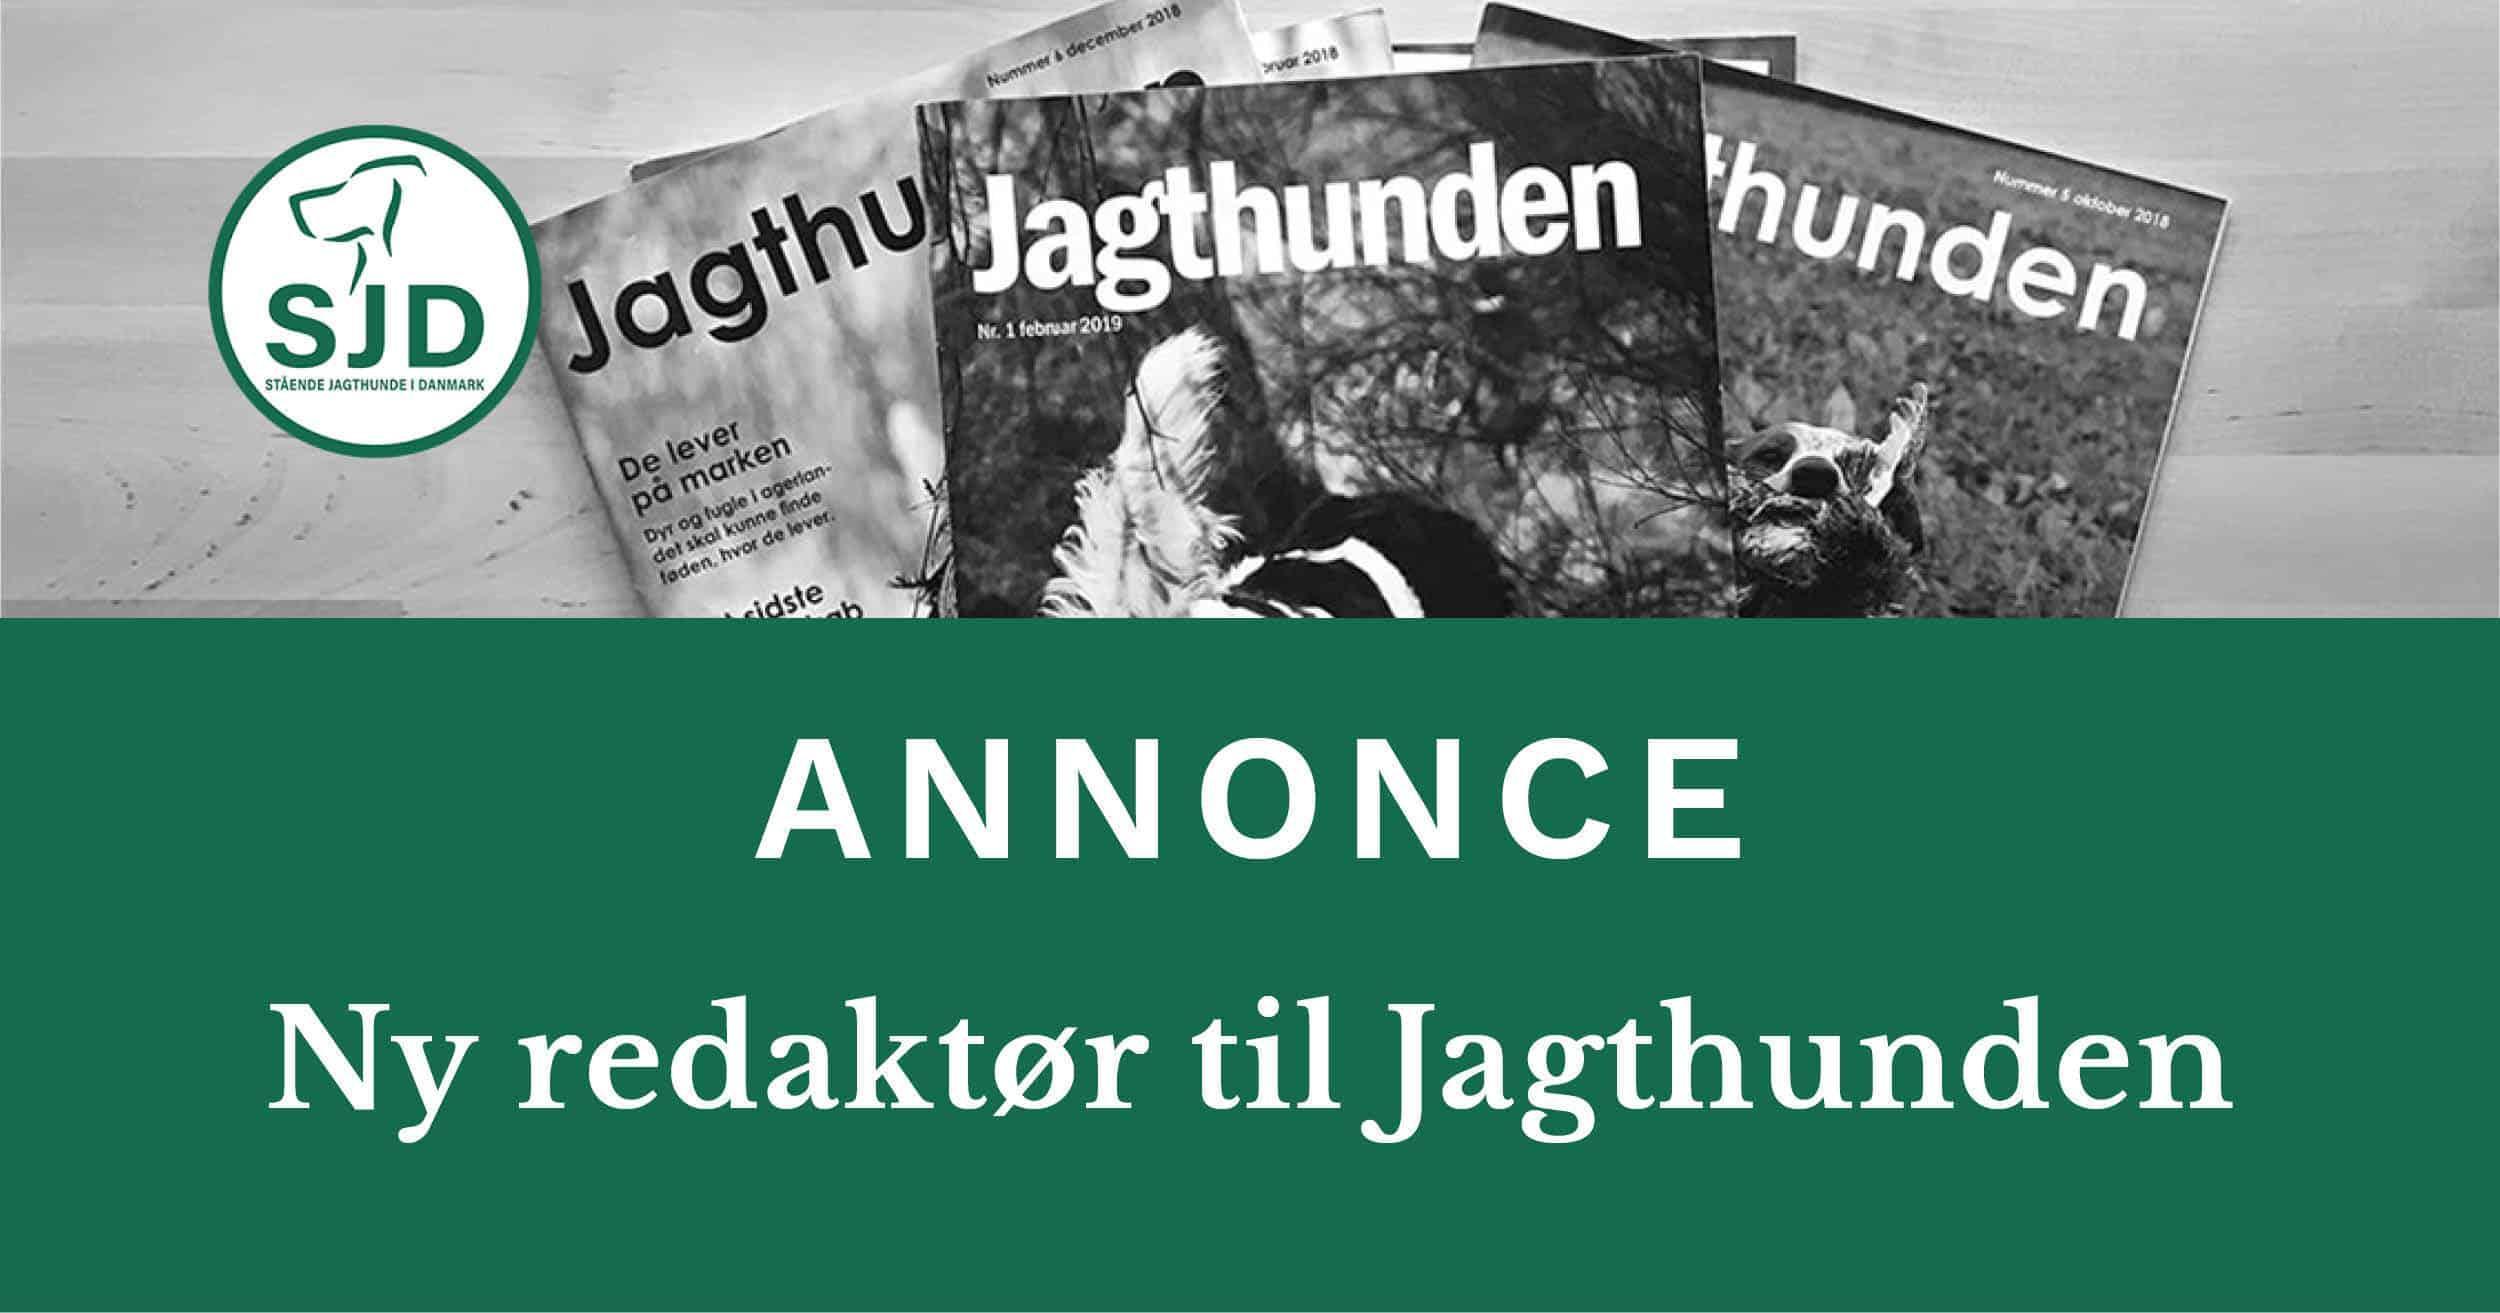 Meddelelse fra SJD - Stående Hunde i Danmark